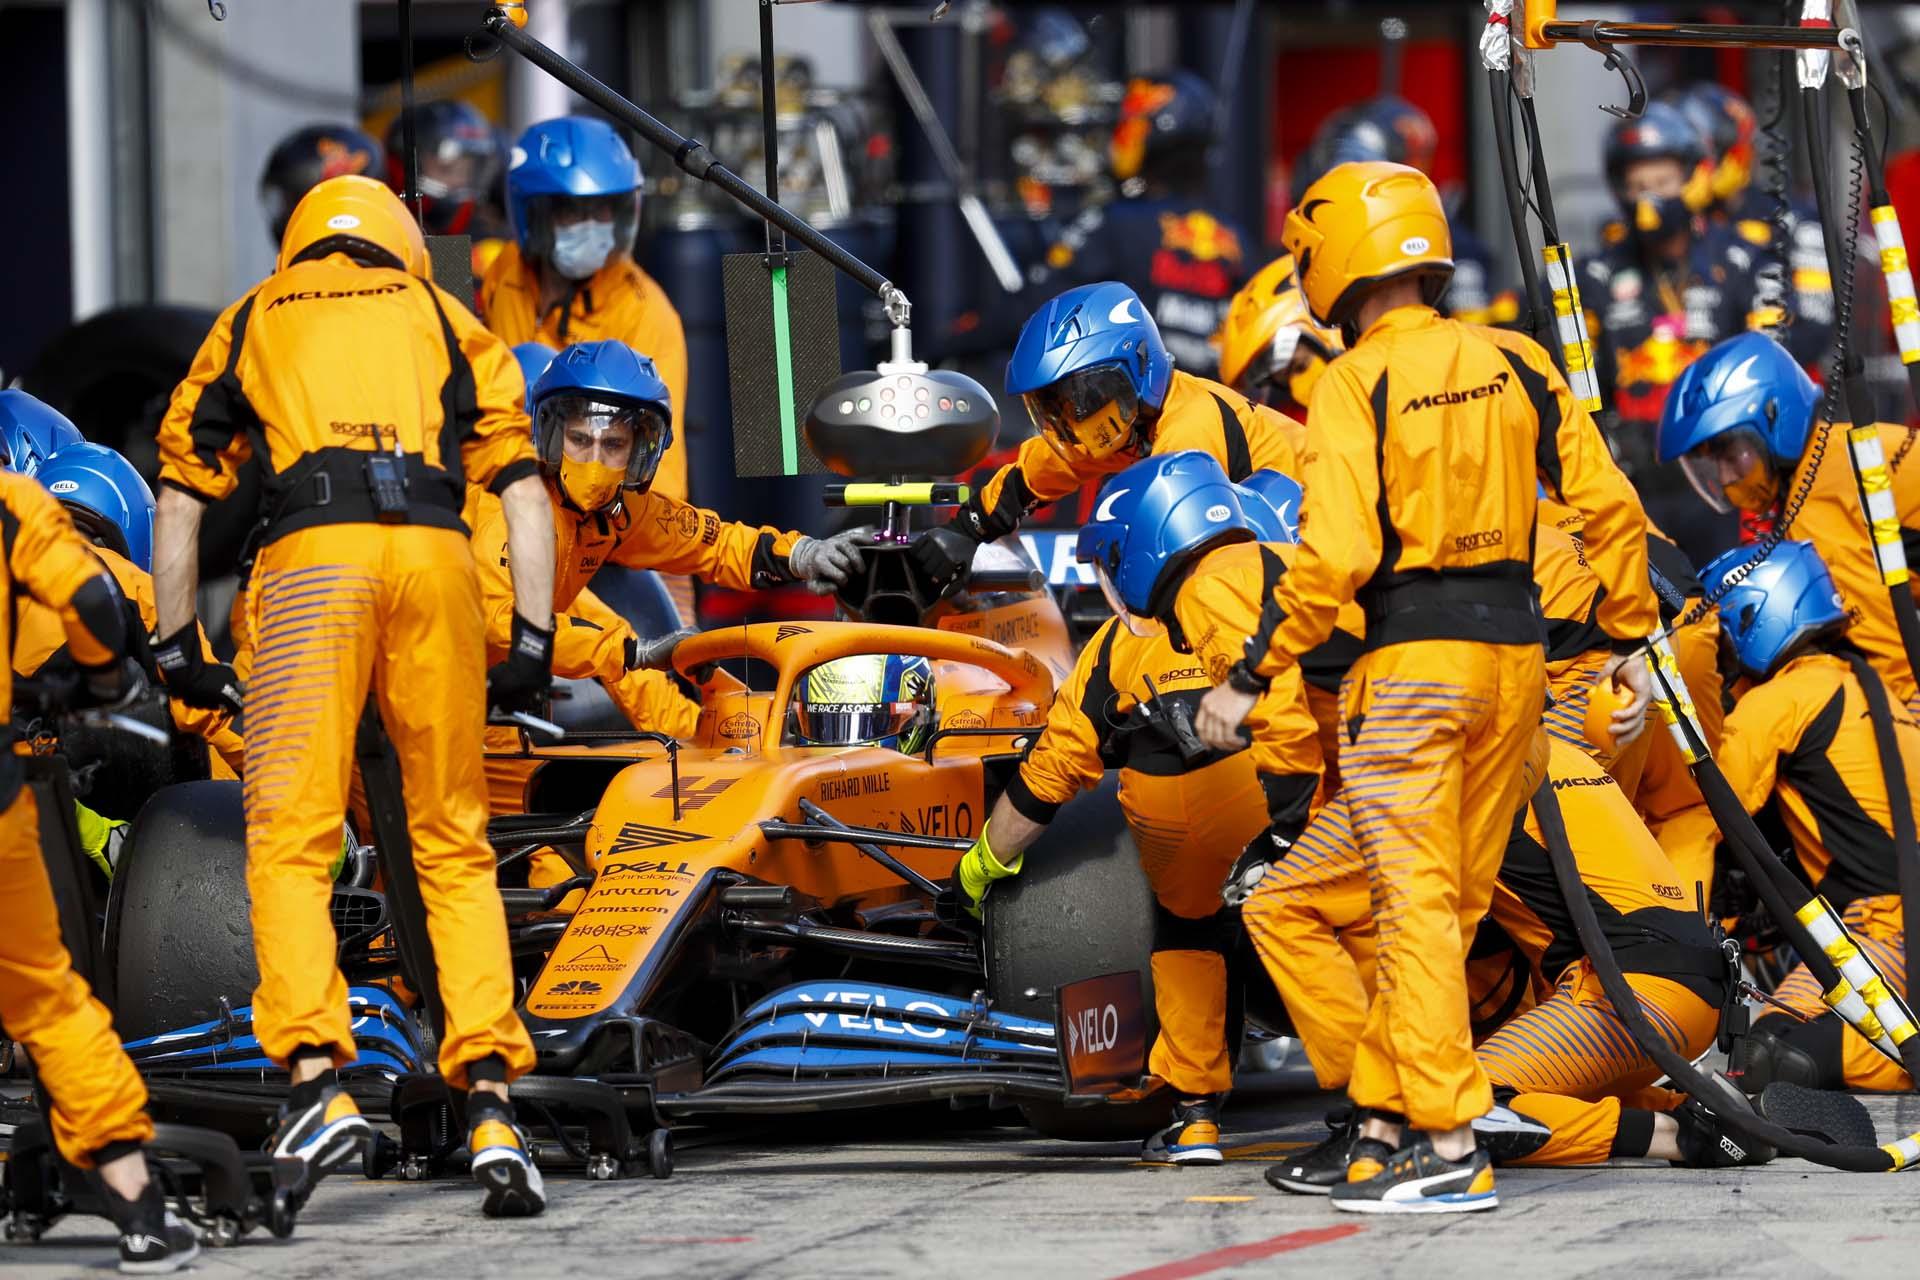 Lando Norris, McLaren MCL35, makes a pit stop